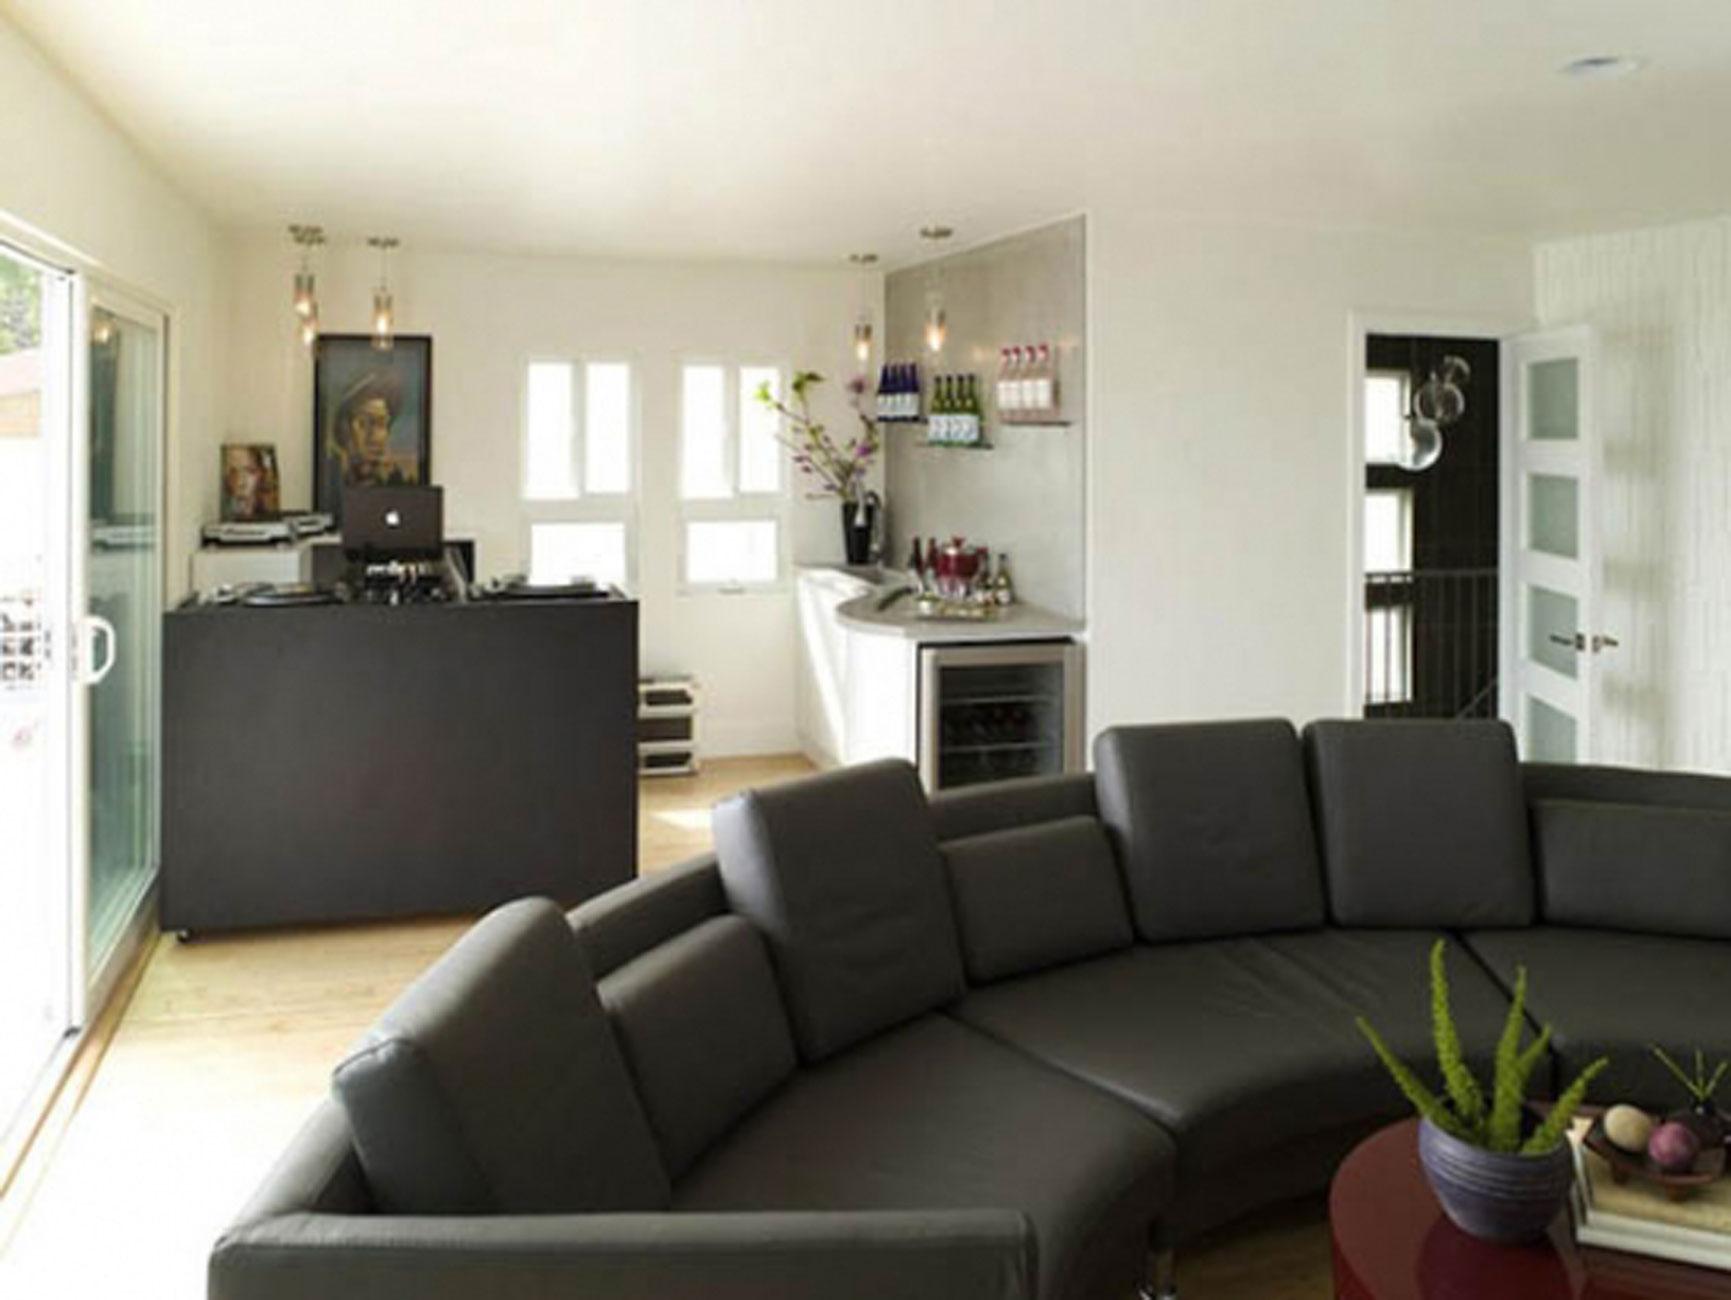 Cozy Apartment Design with Dark Furniture Decoration